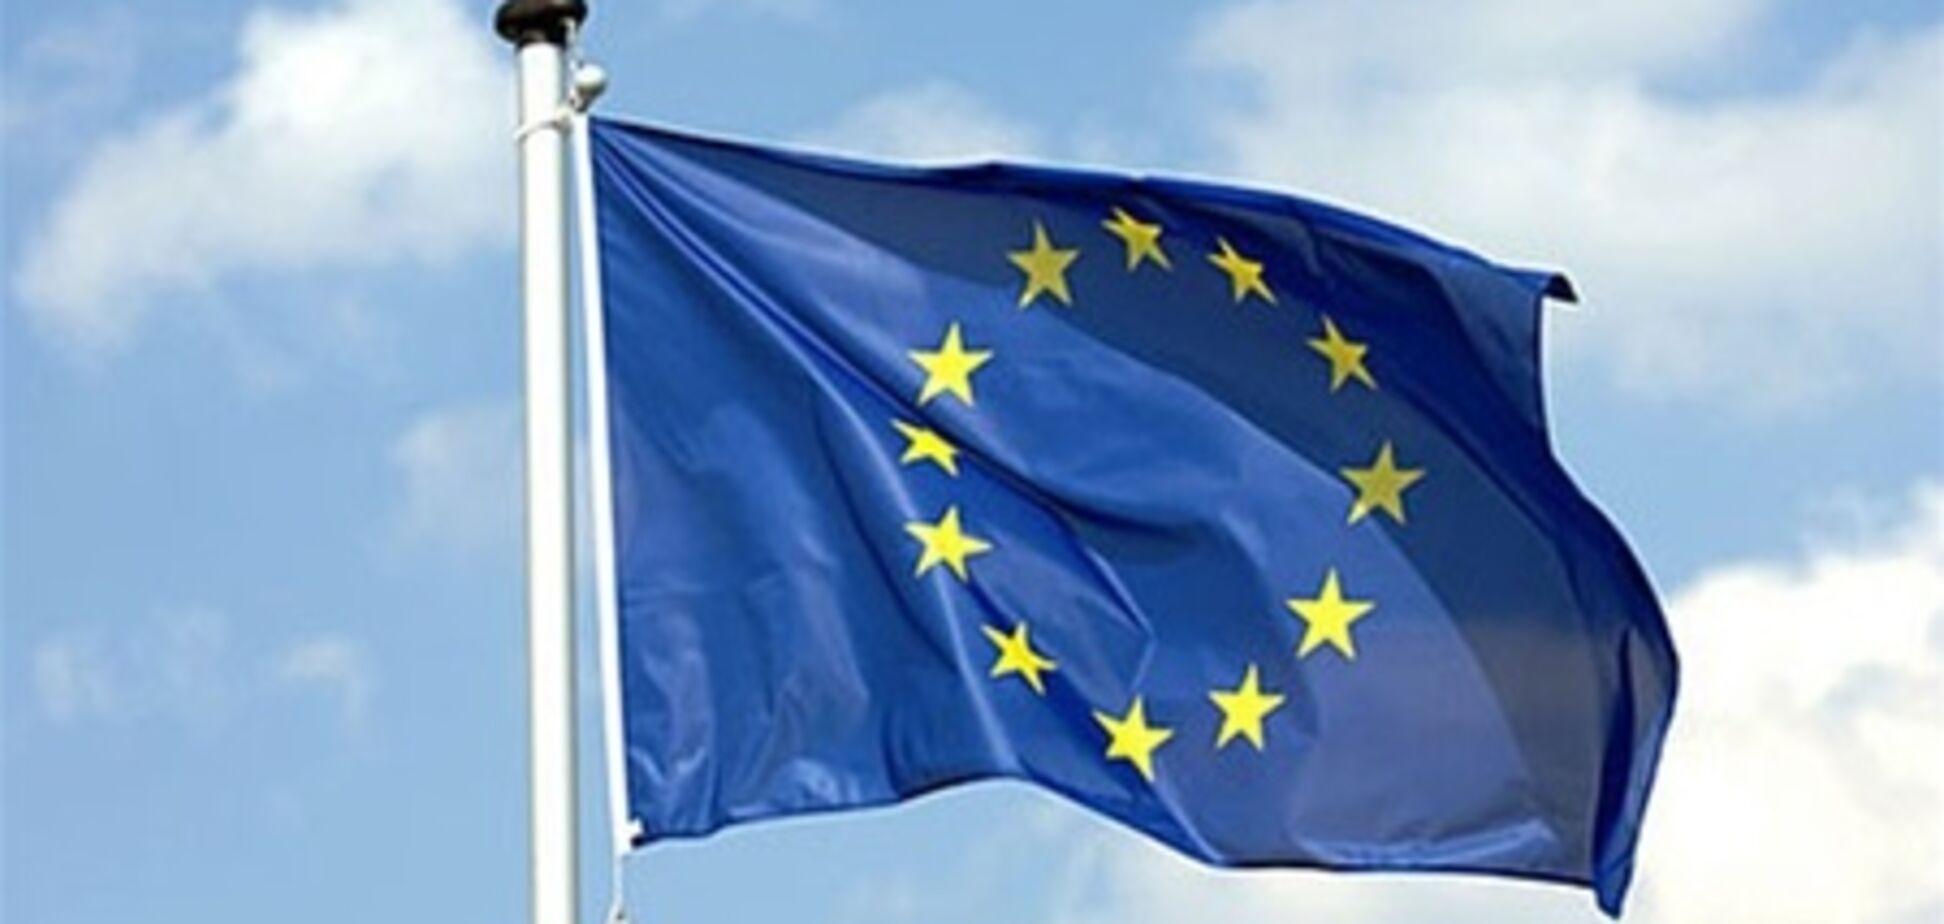 Ланге: Україна ризикує відносинами з ЄС